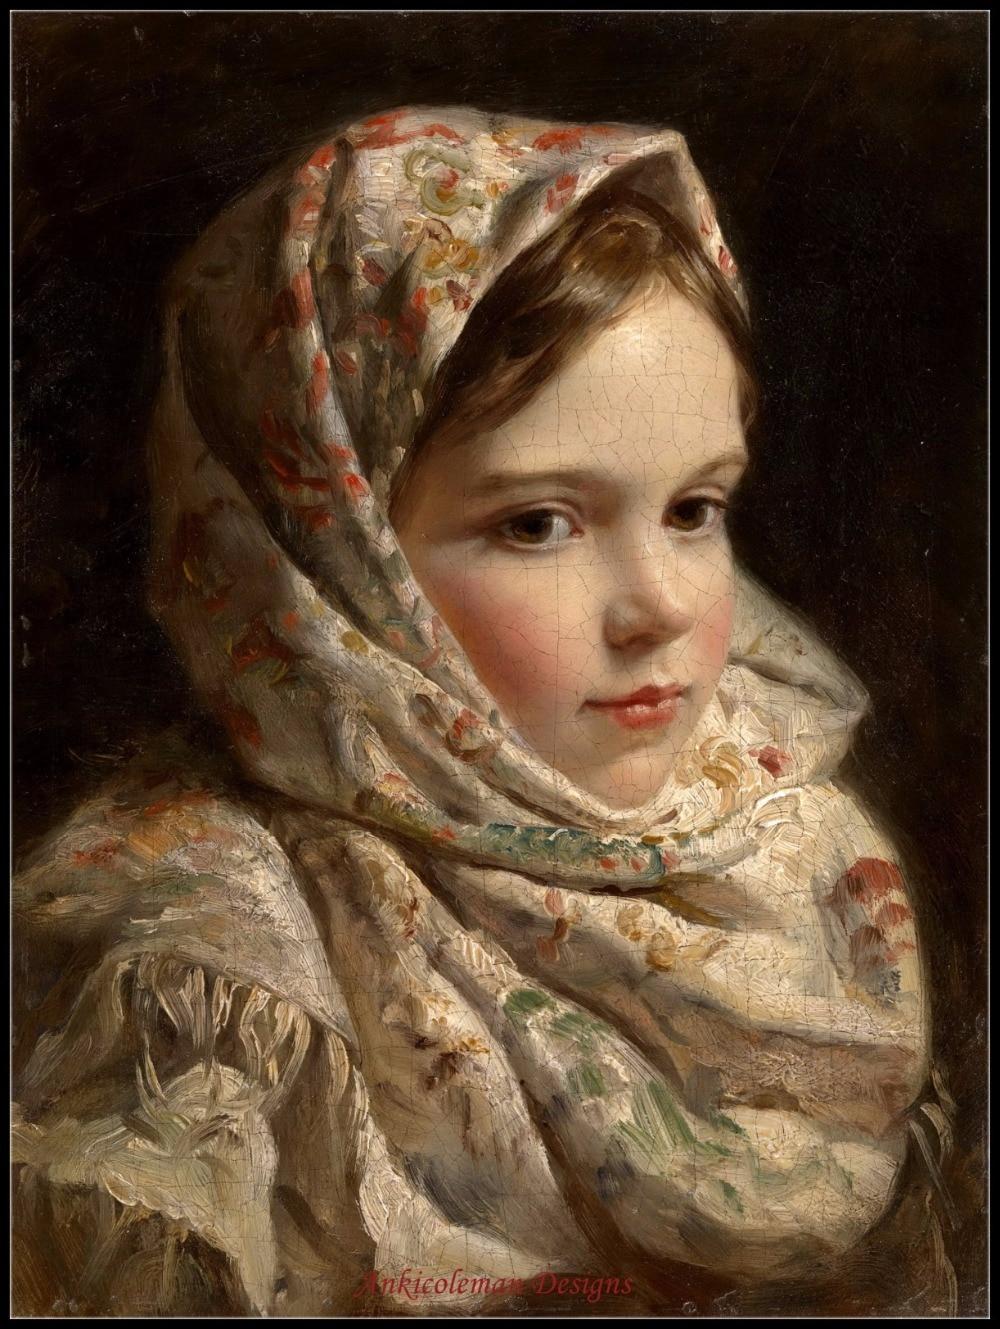 Рукоделие для вышивания сделай сам DMC высокое качество-счетные наборы для вышивки крестом 14 ct картина маслом-девочка в шарфе